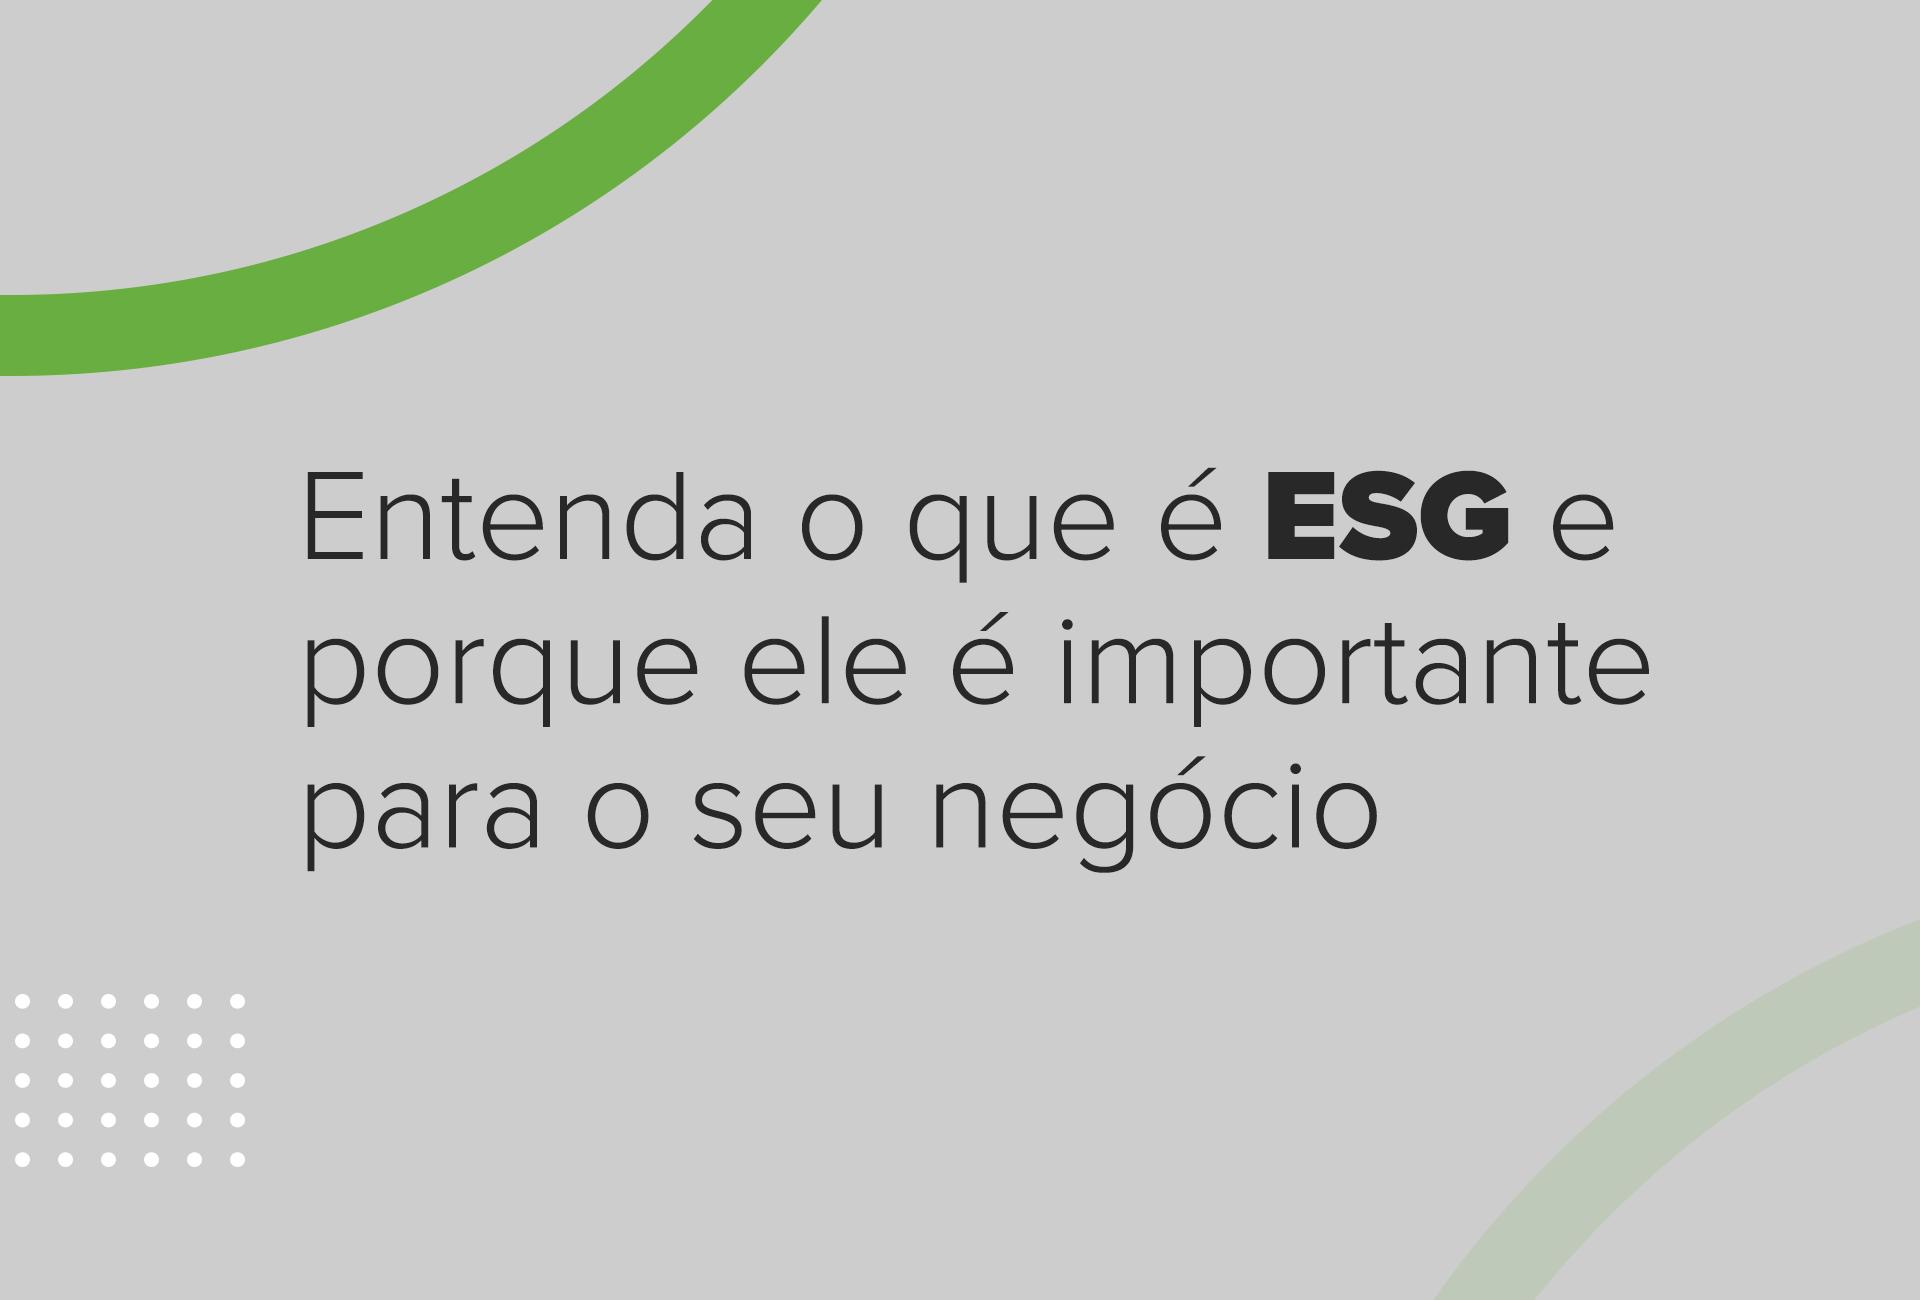 Entenda o que é ESG e porque ele é importante para o seu negócio